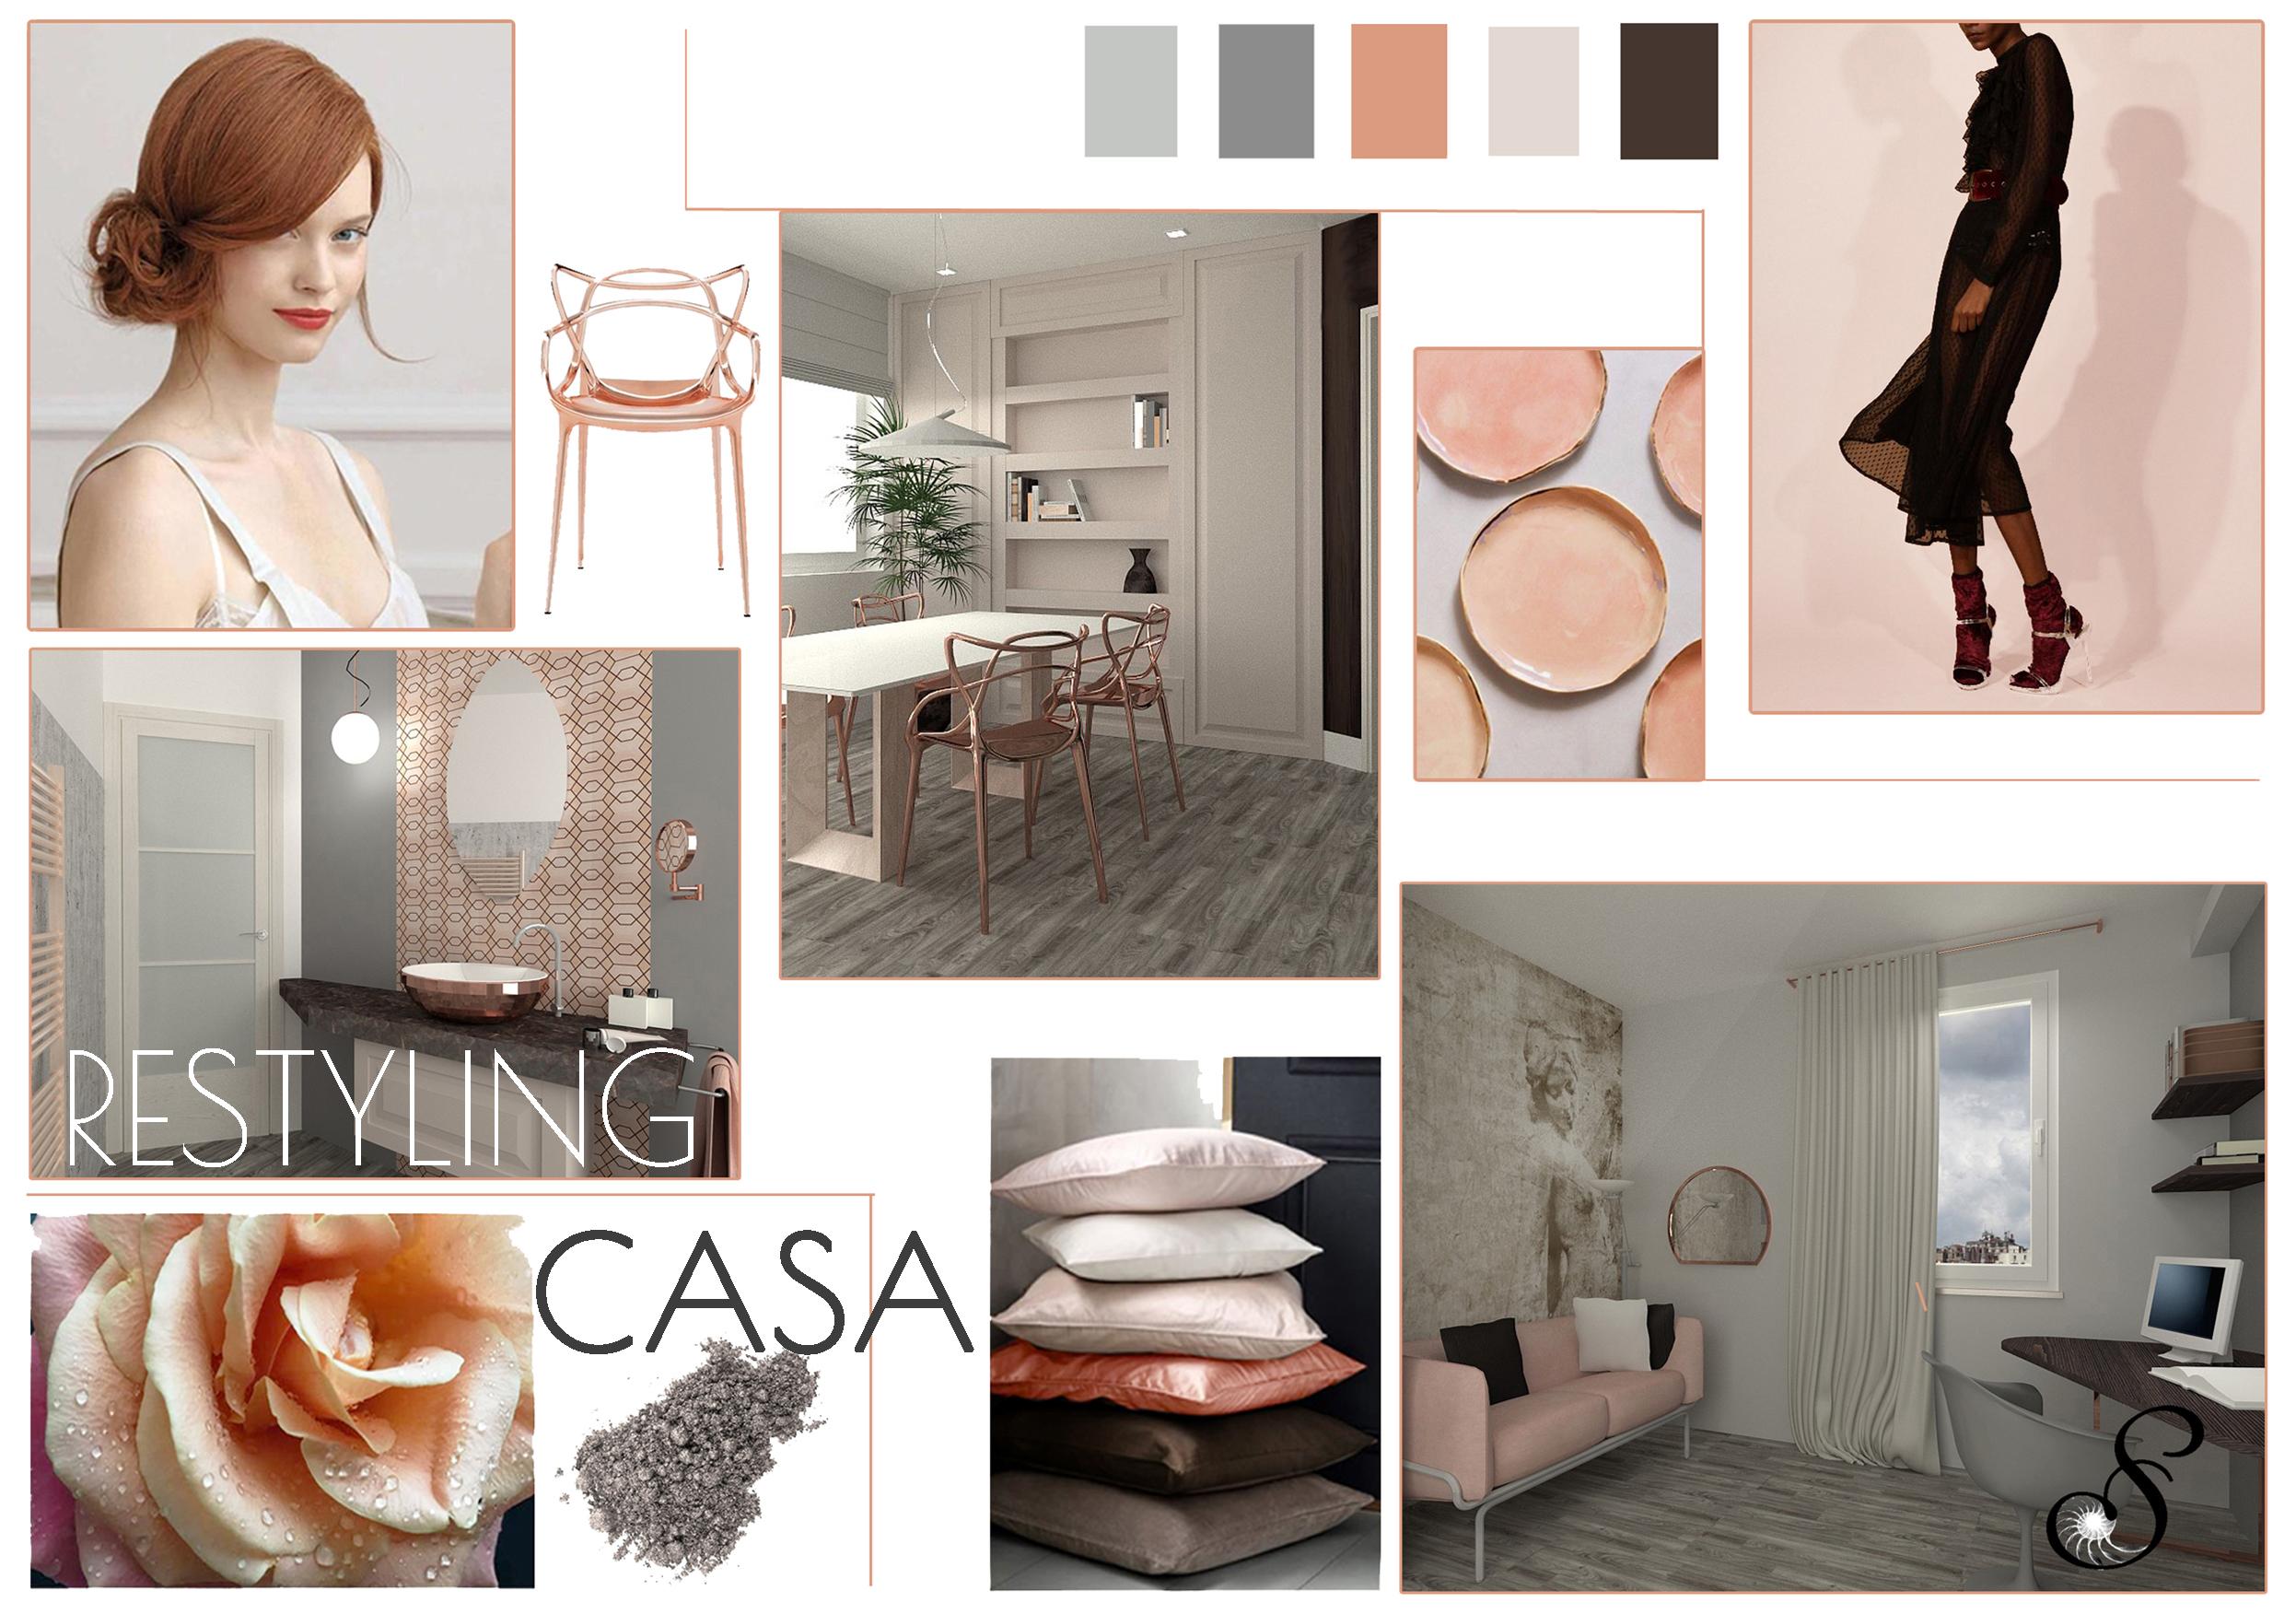 progetti-d'interni-interior design-mood-restyling-casa-progetto-arredamento-colore